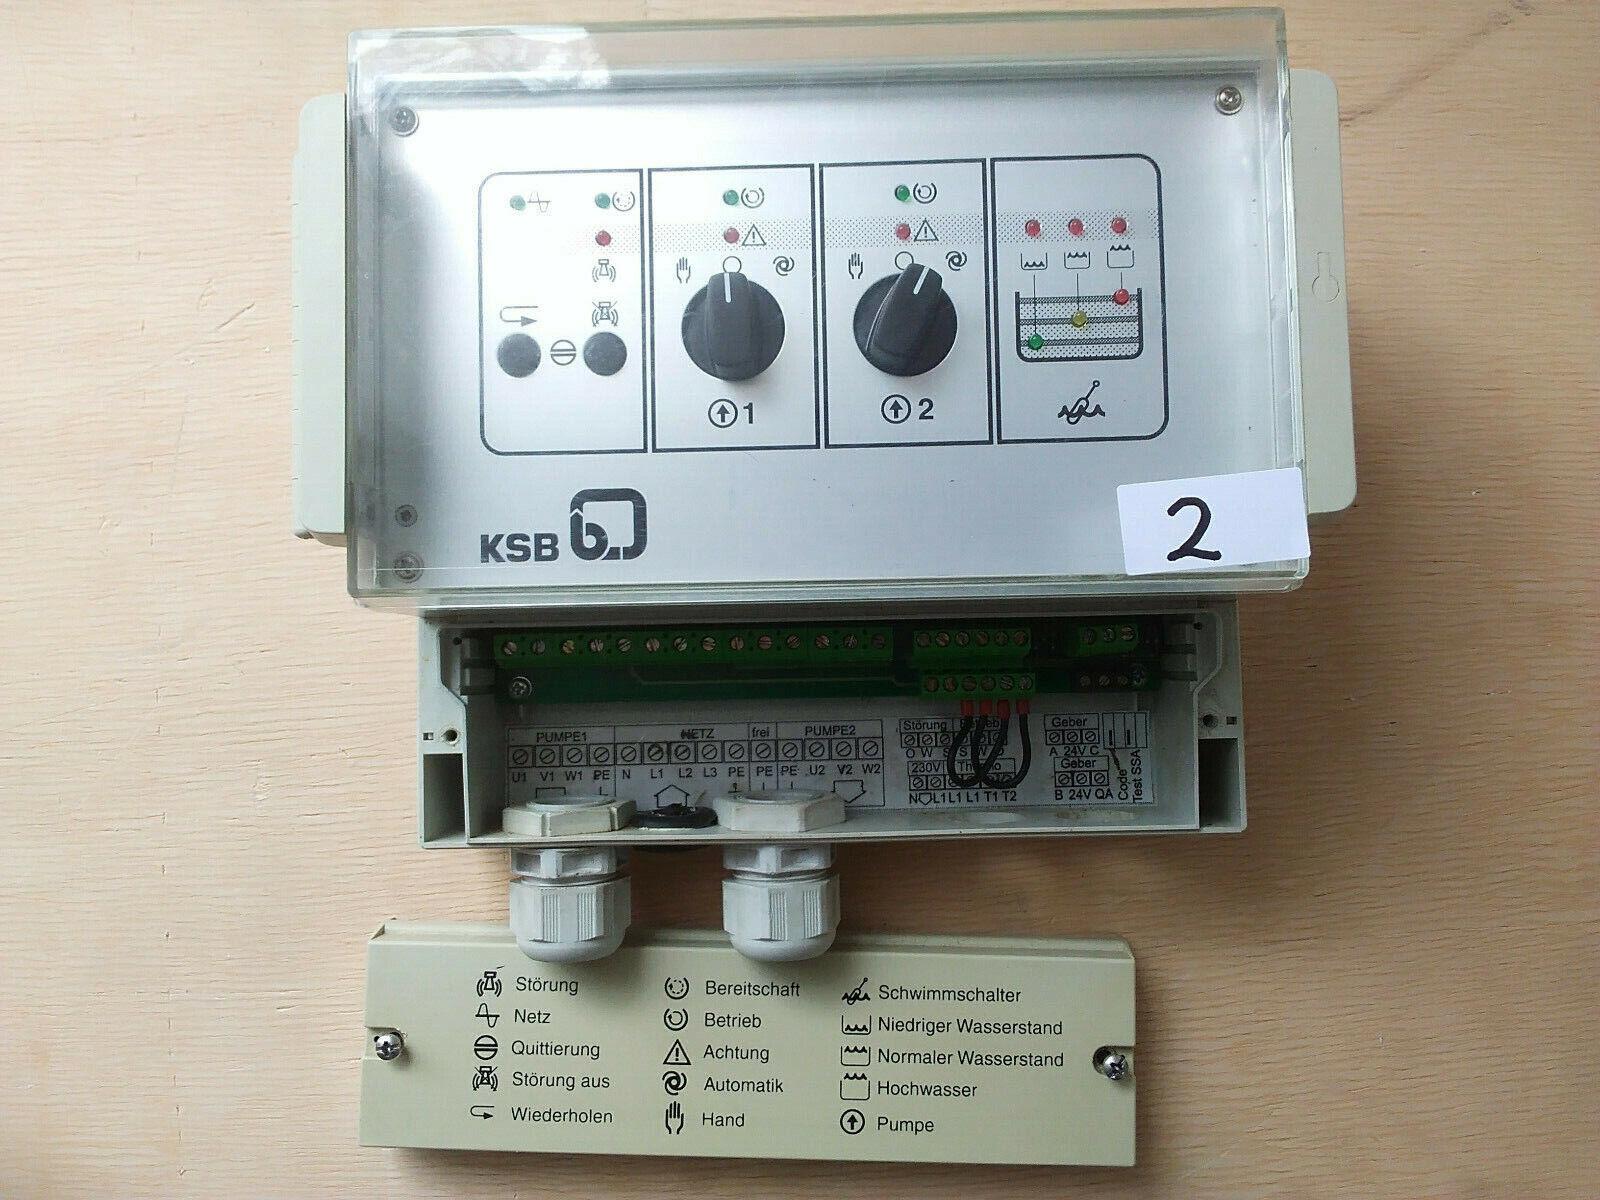 KSB Pumpensteuerung Mini-Compacta DDM7.2